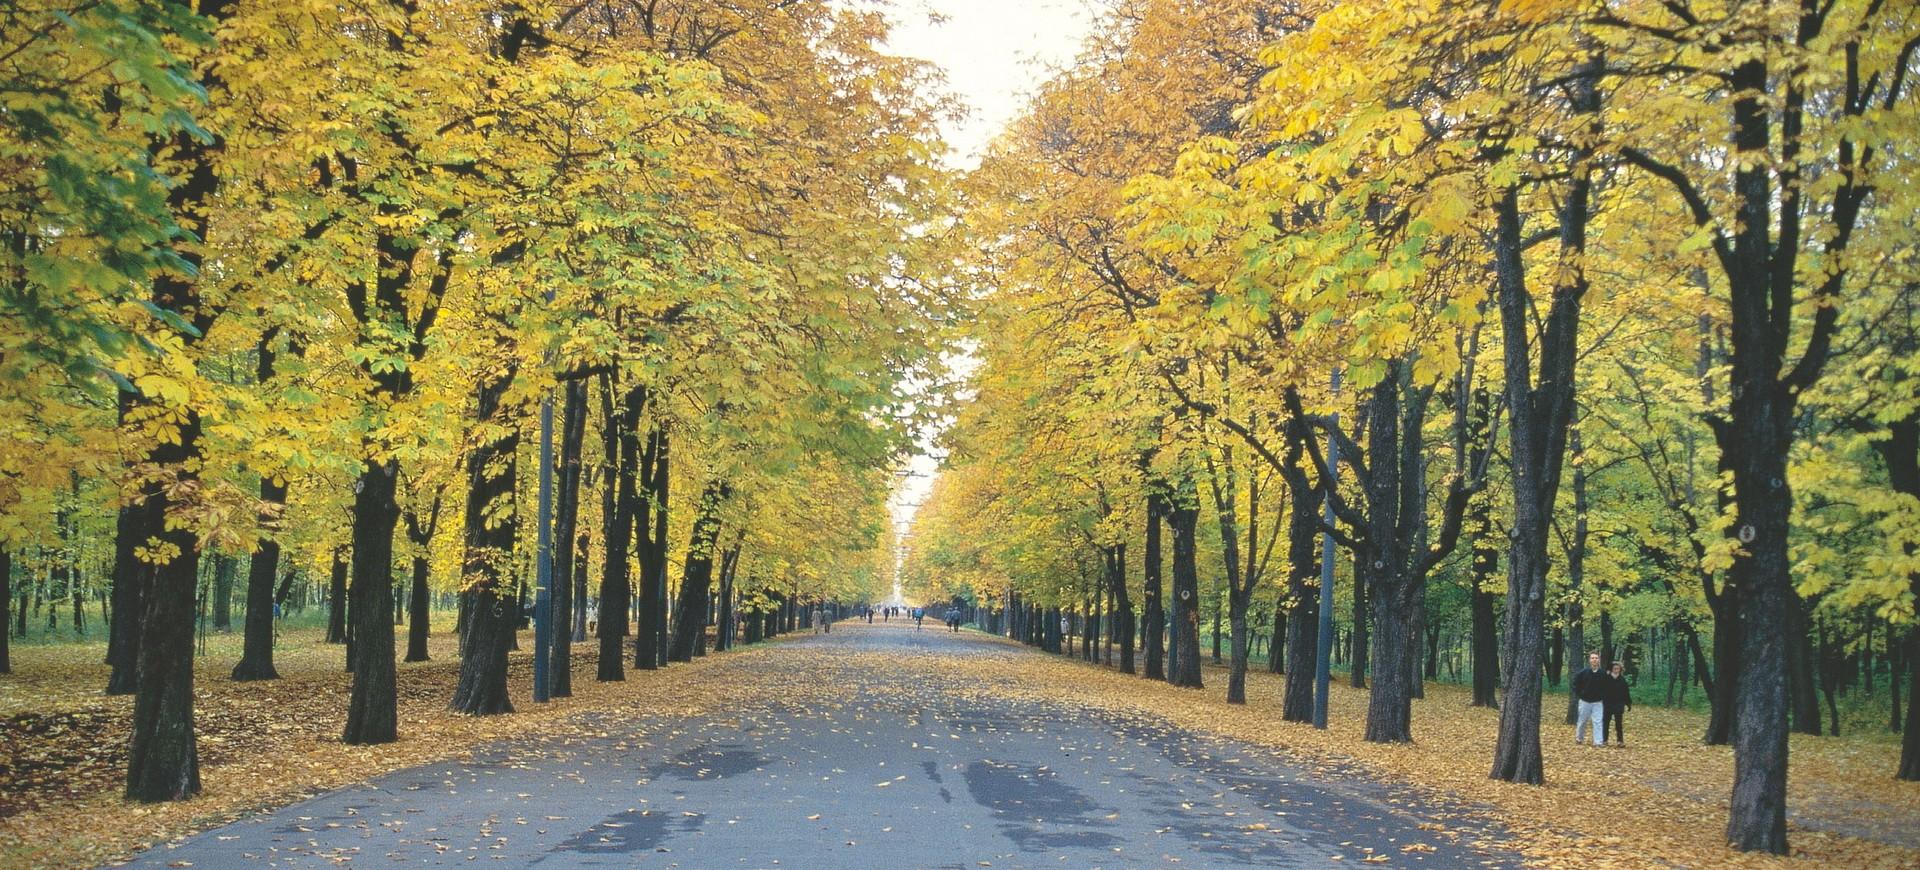 Autriche Vienne Prater Avenue en Automne